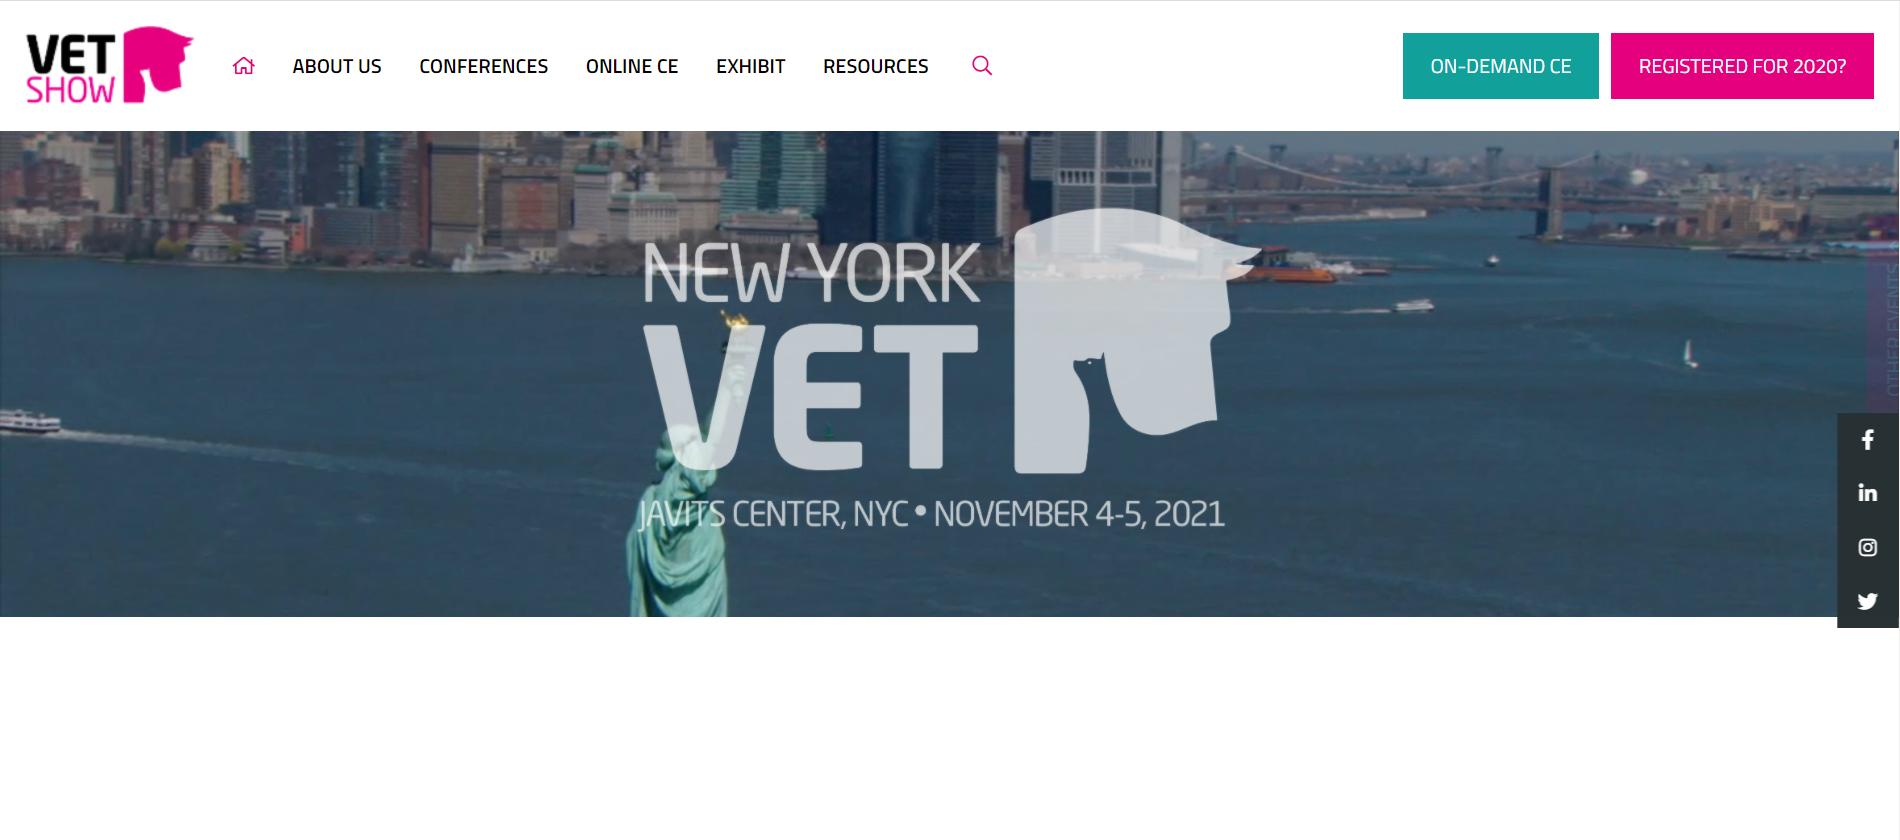 New York Vet Show